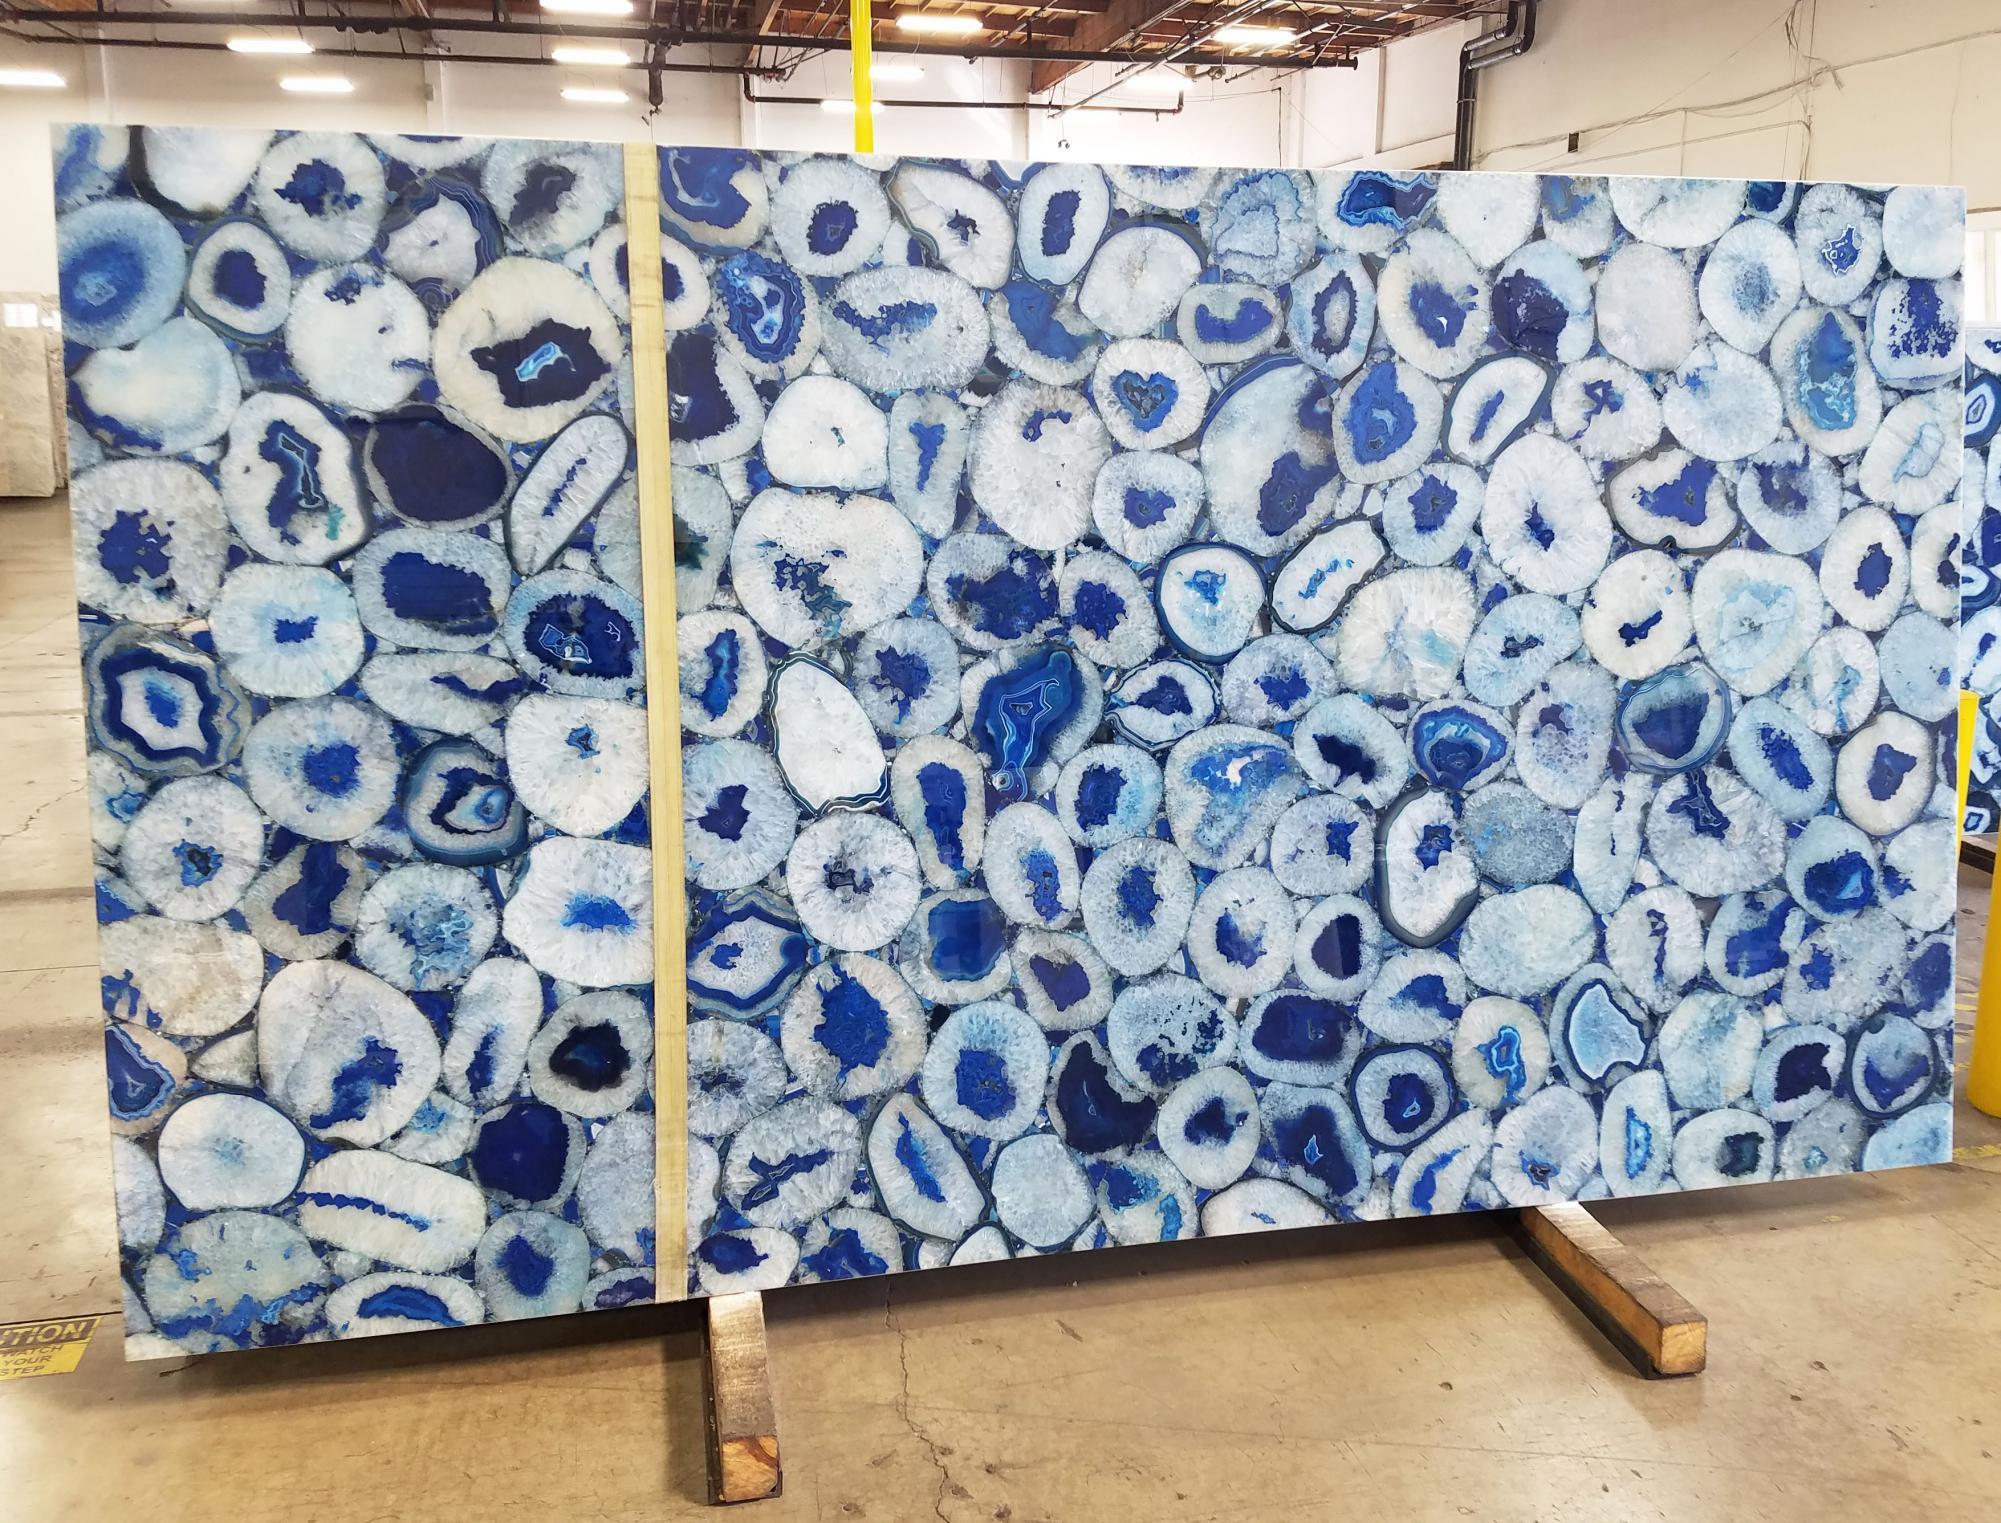 AGATA BLUE Suministro California (Estados Unidos) de planchas pulidas en piedra semi preciosa natural AG-BL18 , Jumbo size